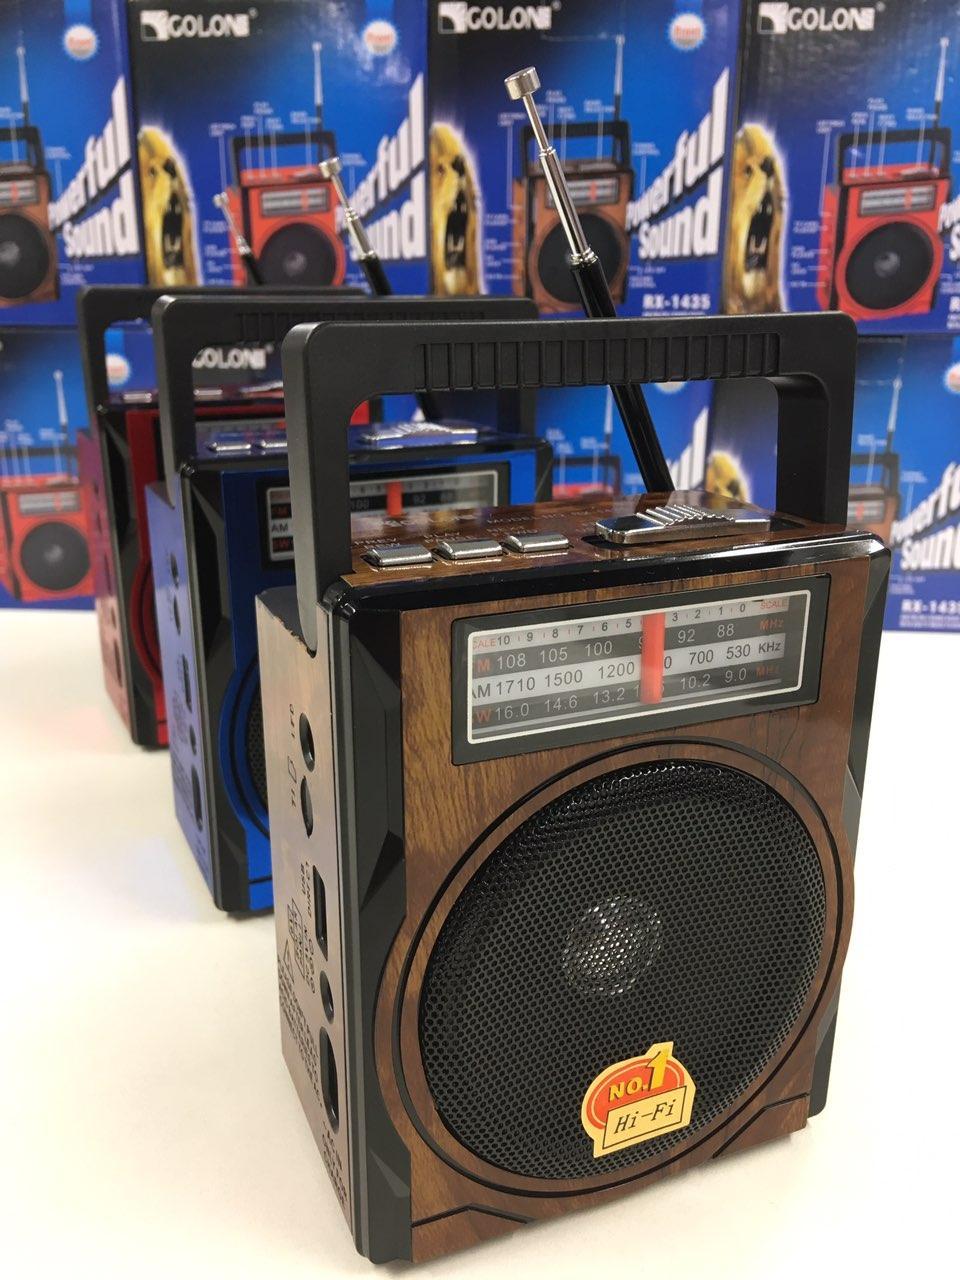 Радиоприемник GOLON RX 1435, аккумуляторный, портативный приемник, FM радио, MP3, c фонариком